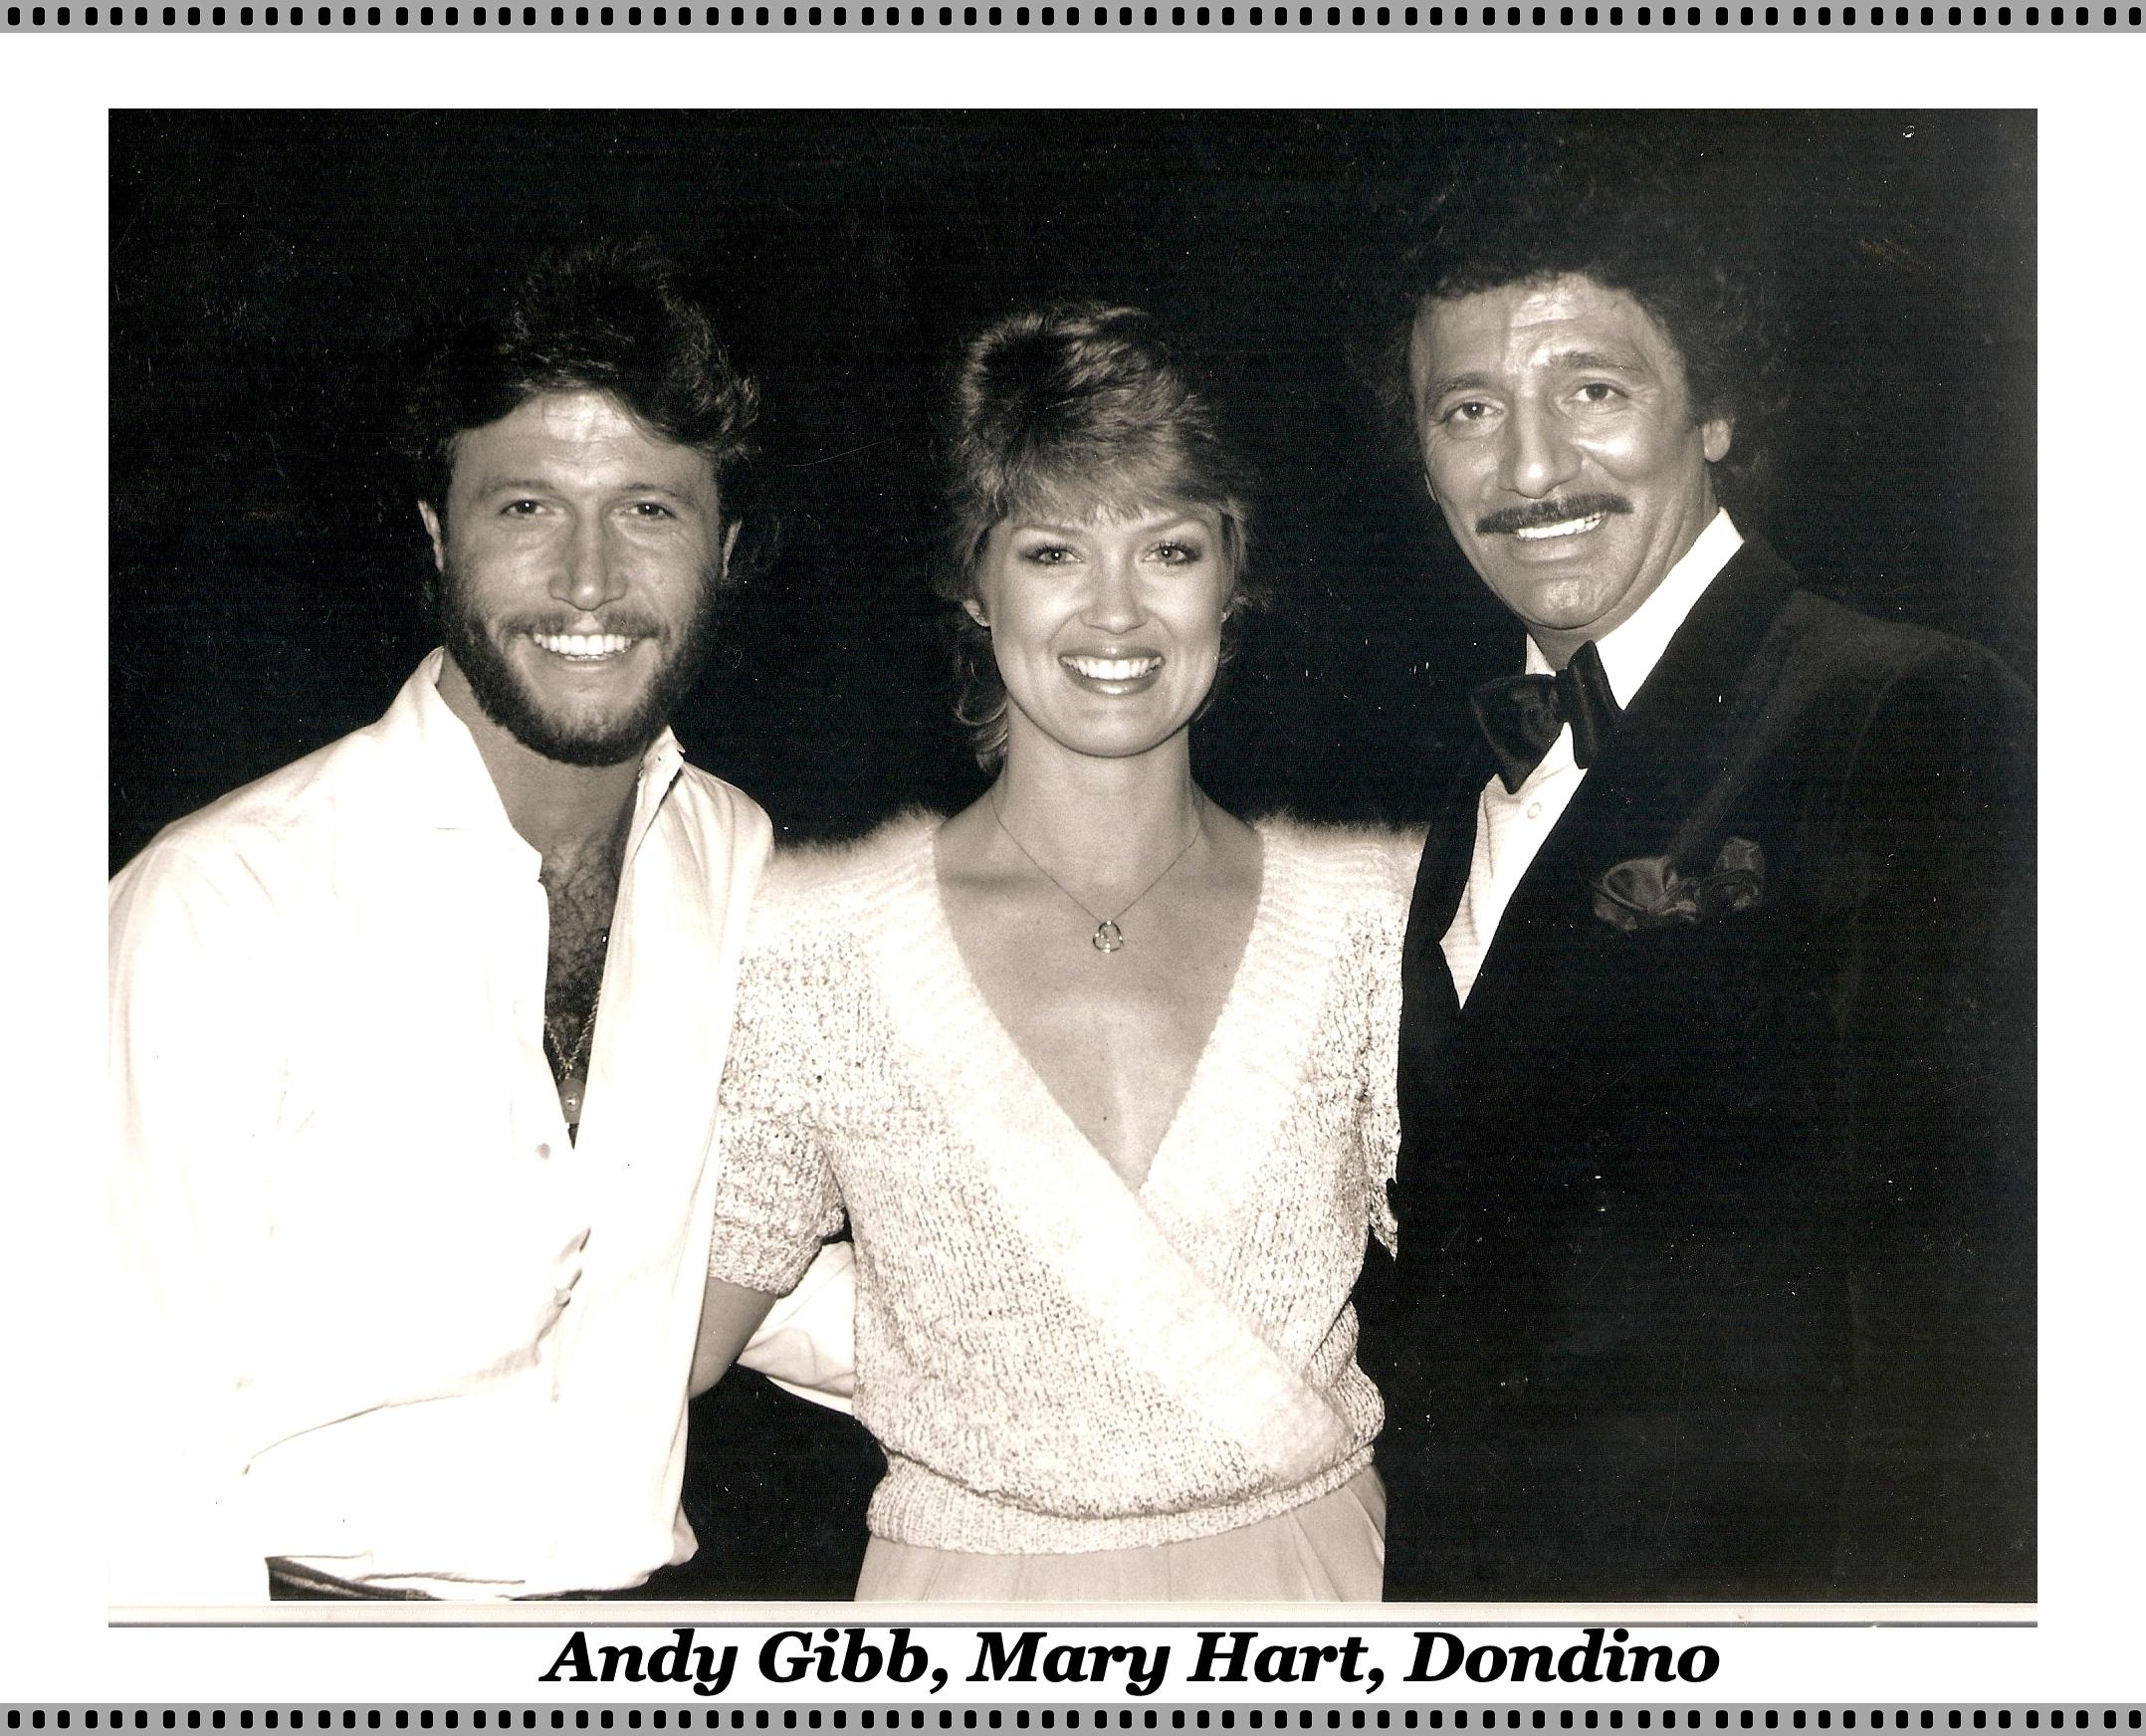 Andy Gibb, Mary Hart, Dondino